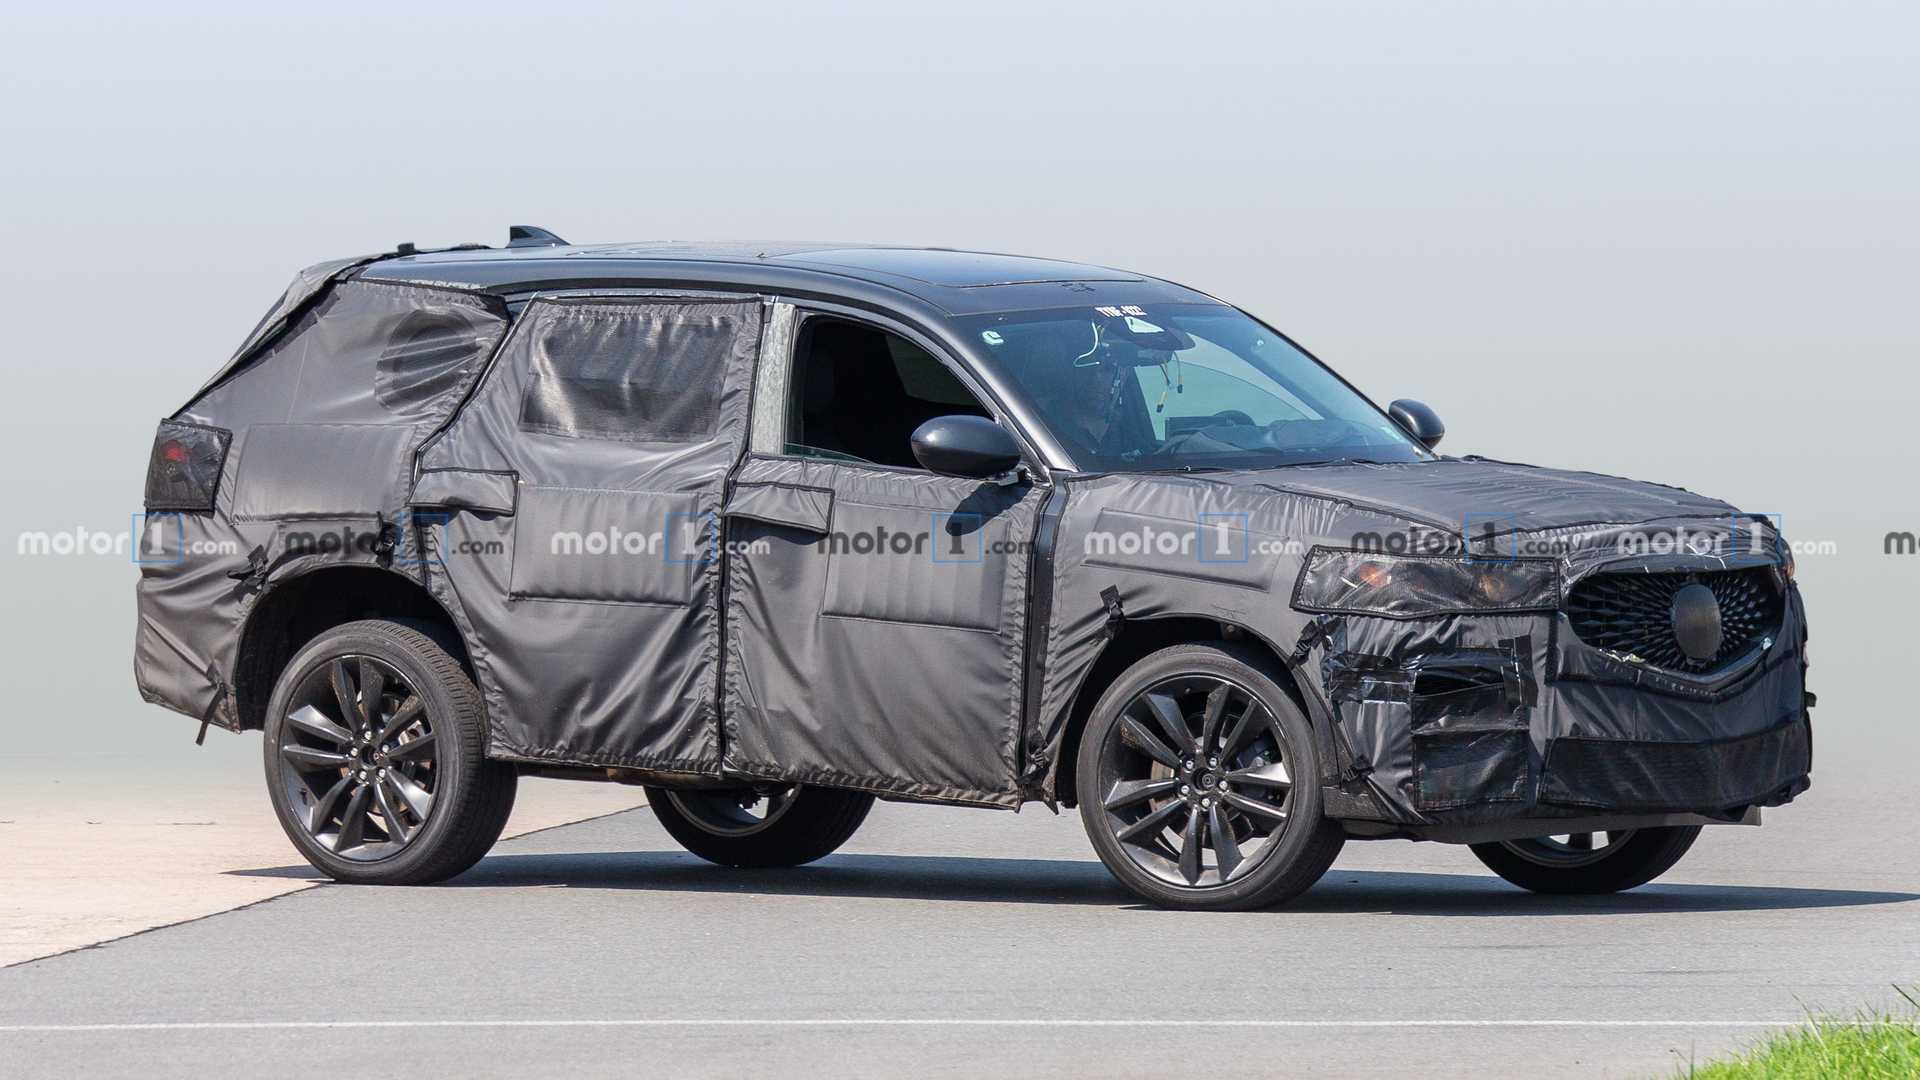 69 All New Acura Car 2020 Performance for Acura Car 2020